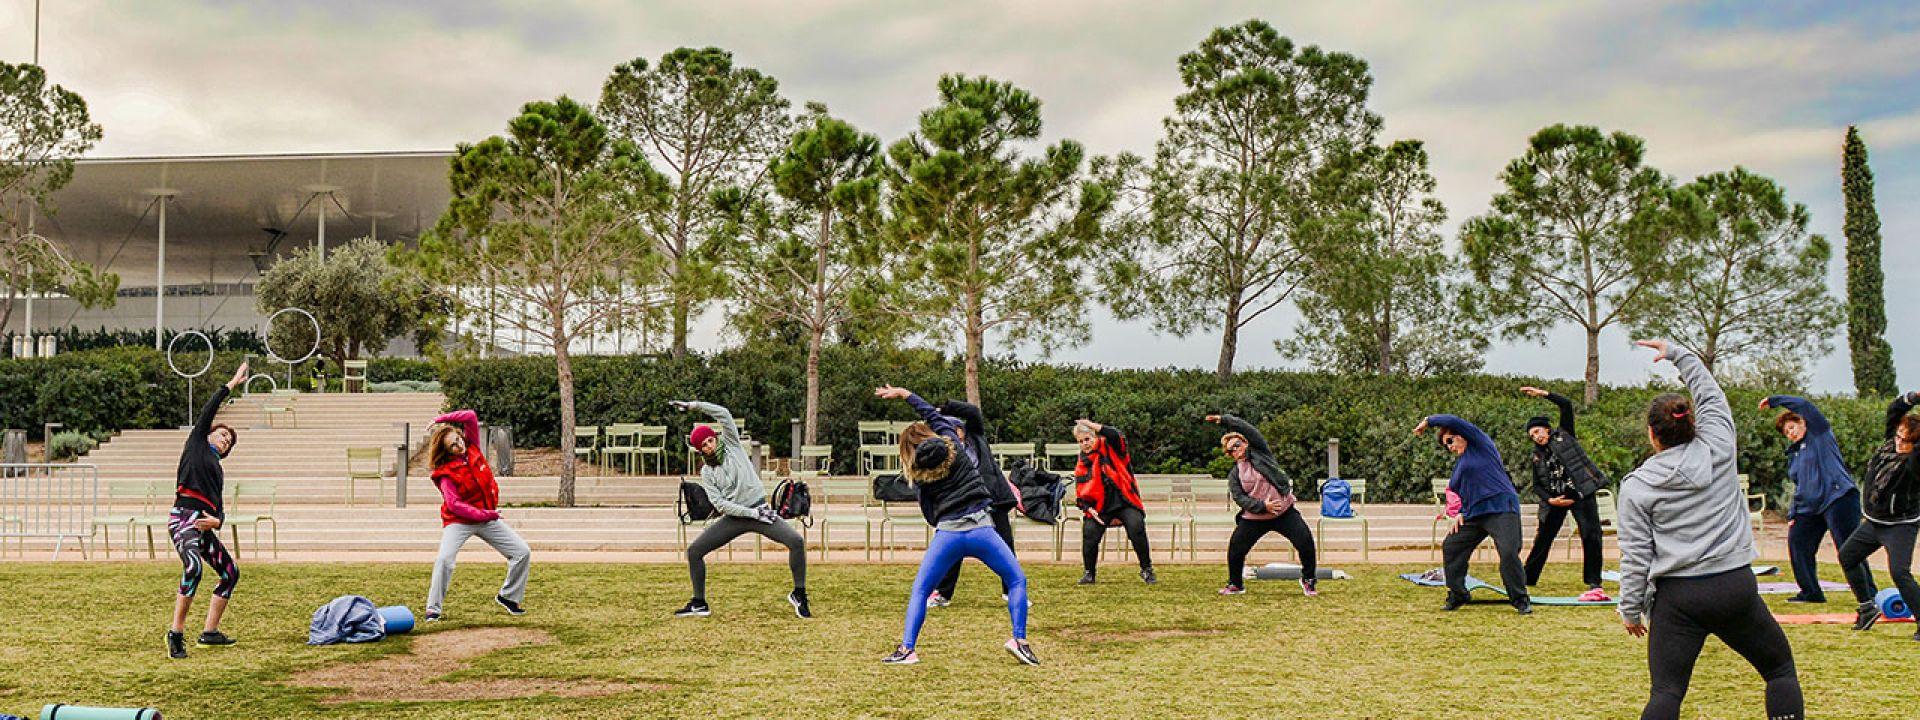 Φωτογραφία από μάθημα mat pilates στο Πάρκο Σταύρος Νιάρχος